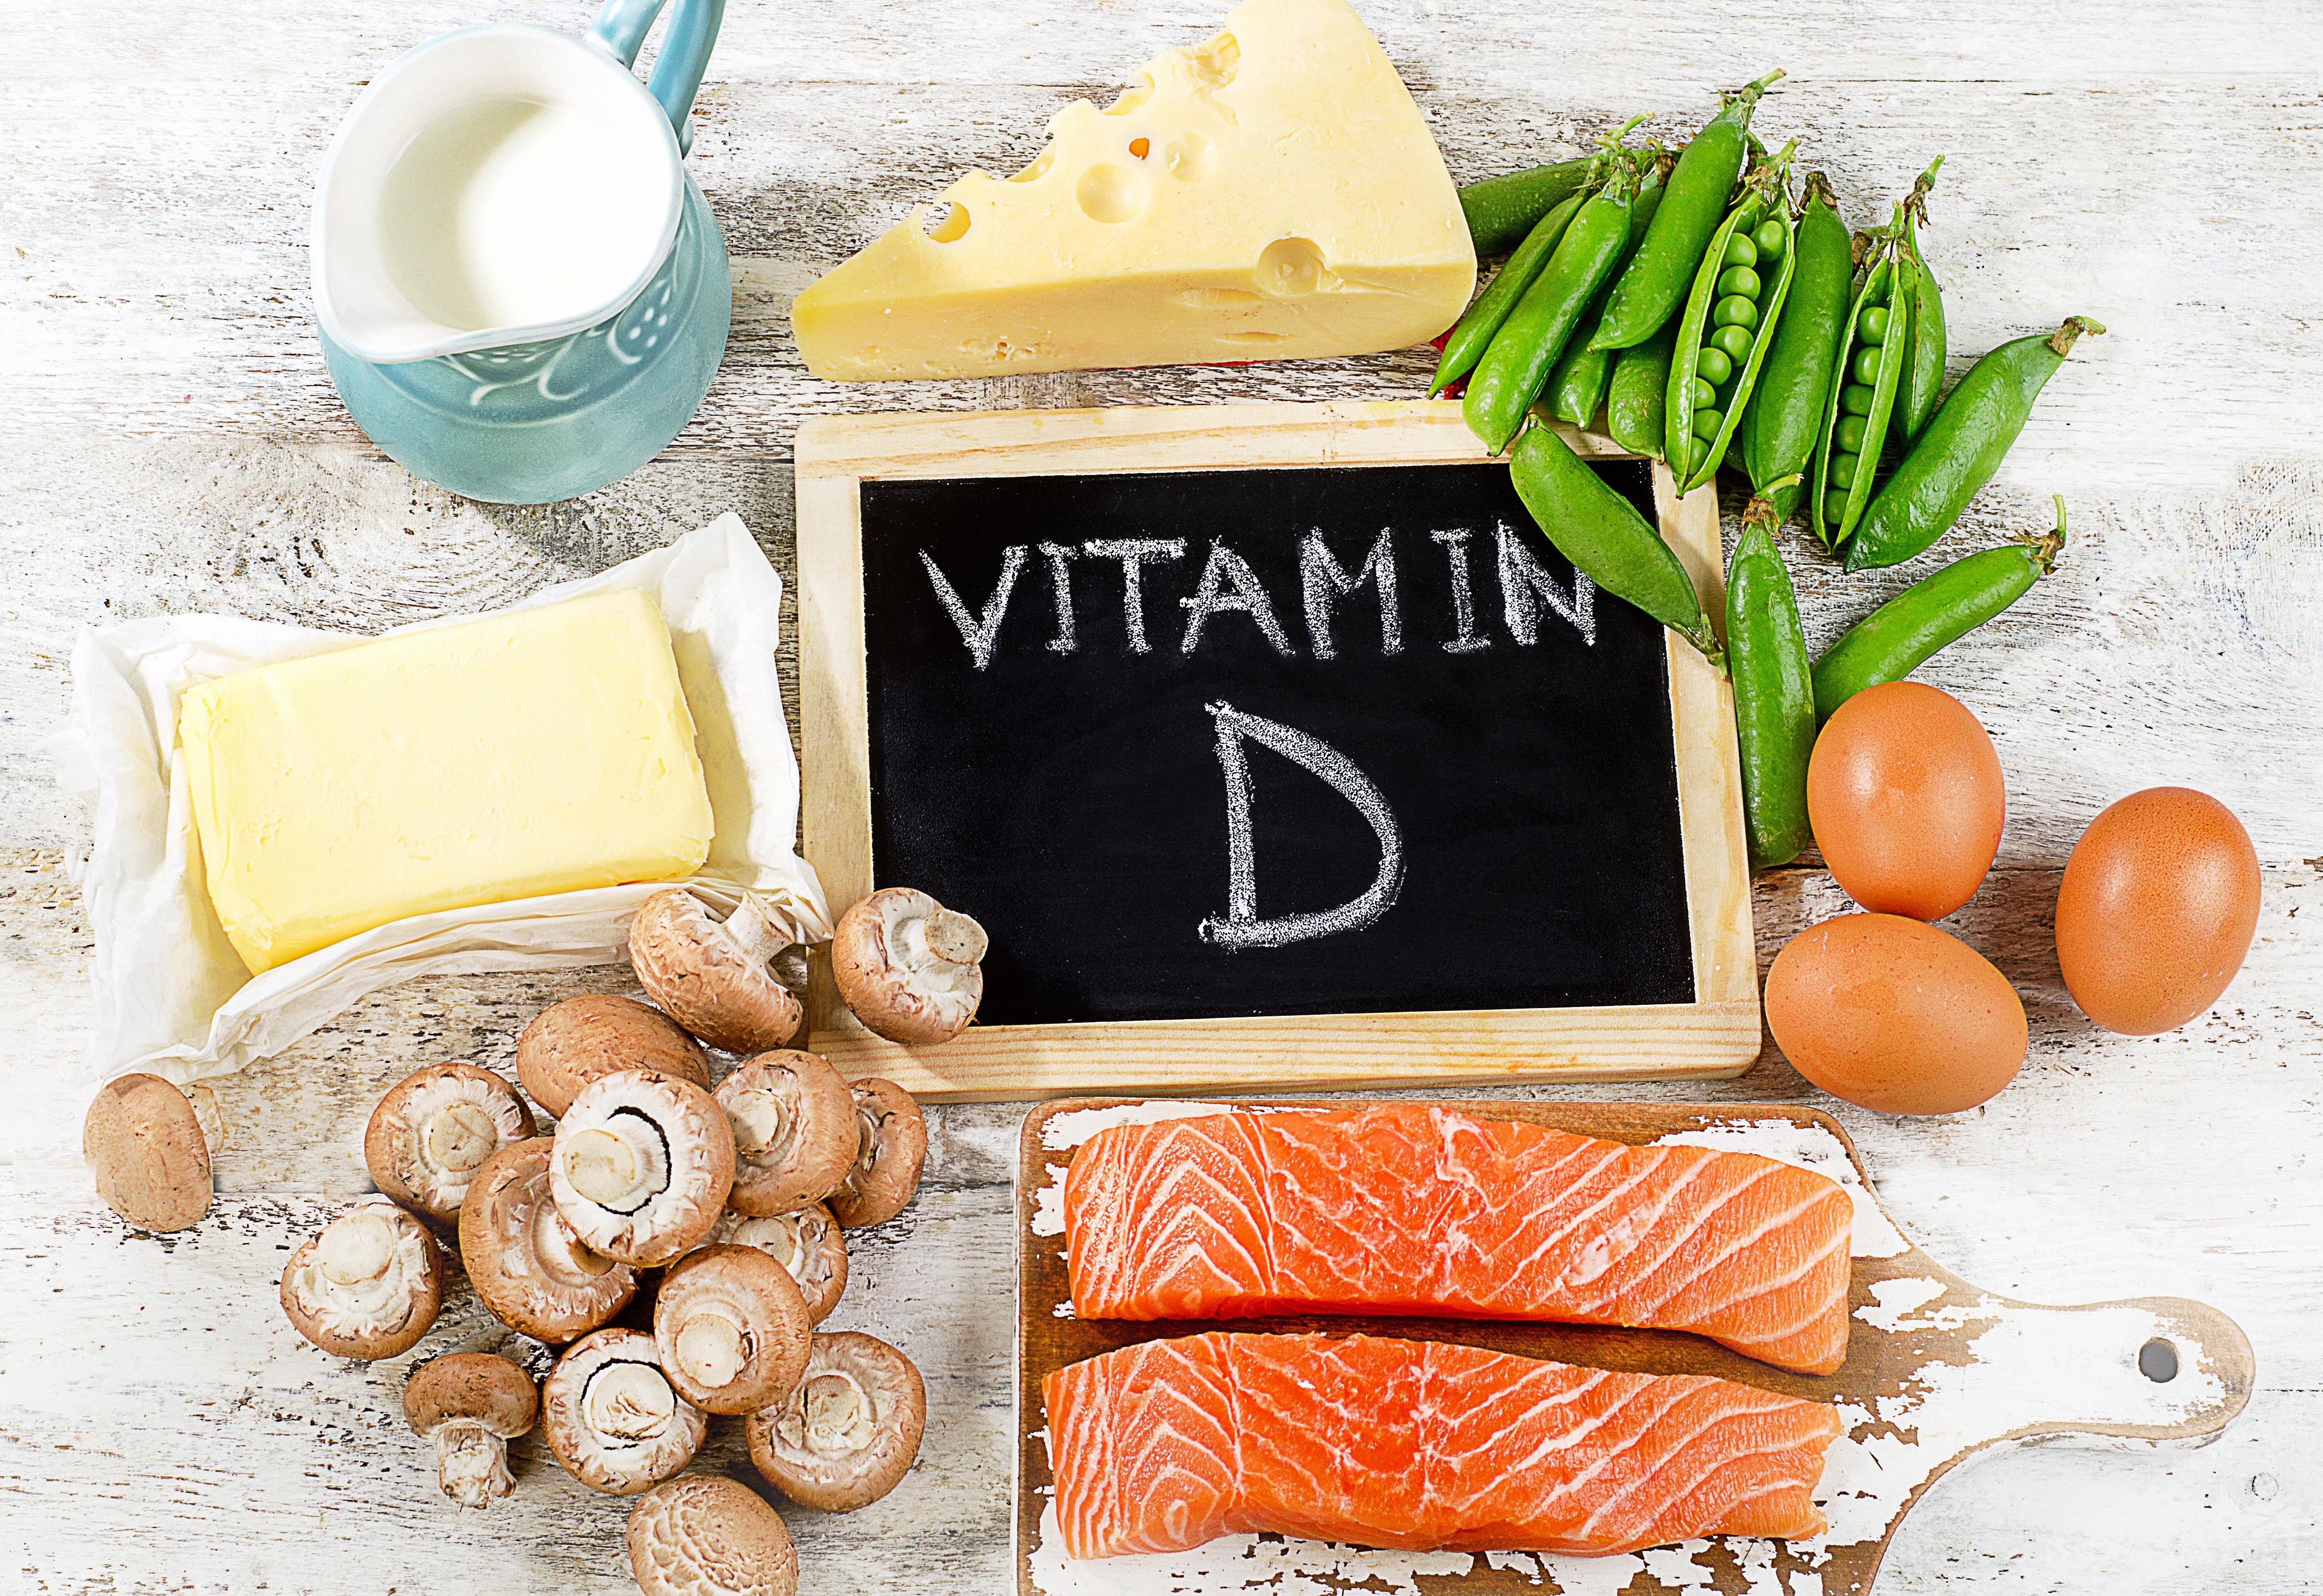 De faibles niveaux de vitamine D apparaissent en effet associés à un nombre de cas et des taux de mortalité à COVD-19 plus élevés